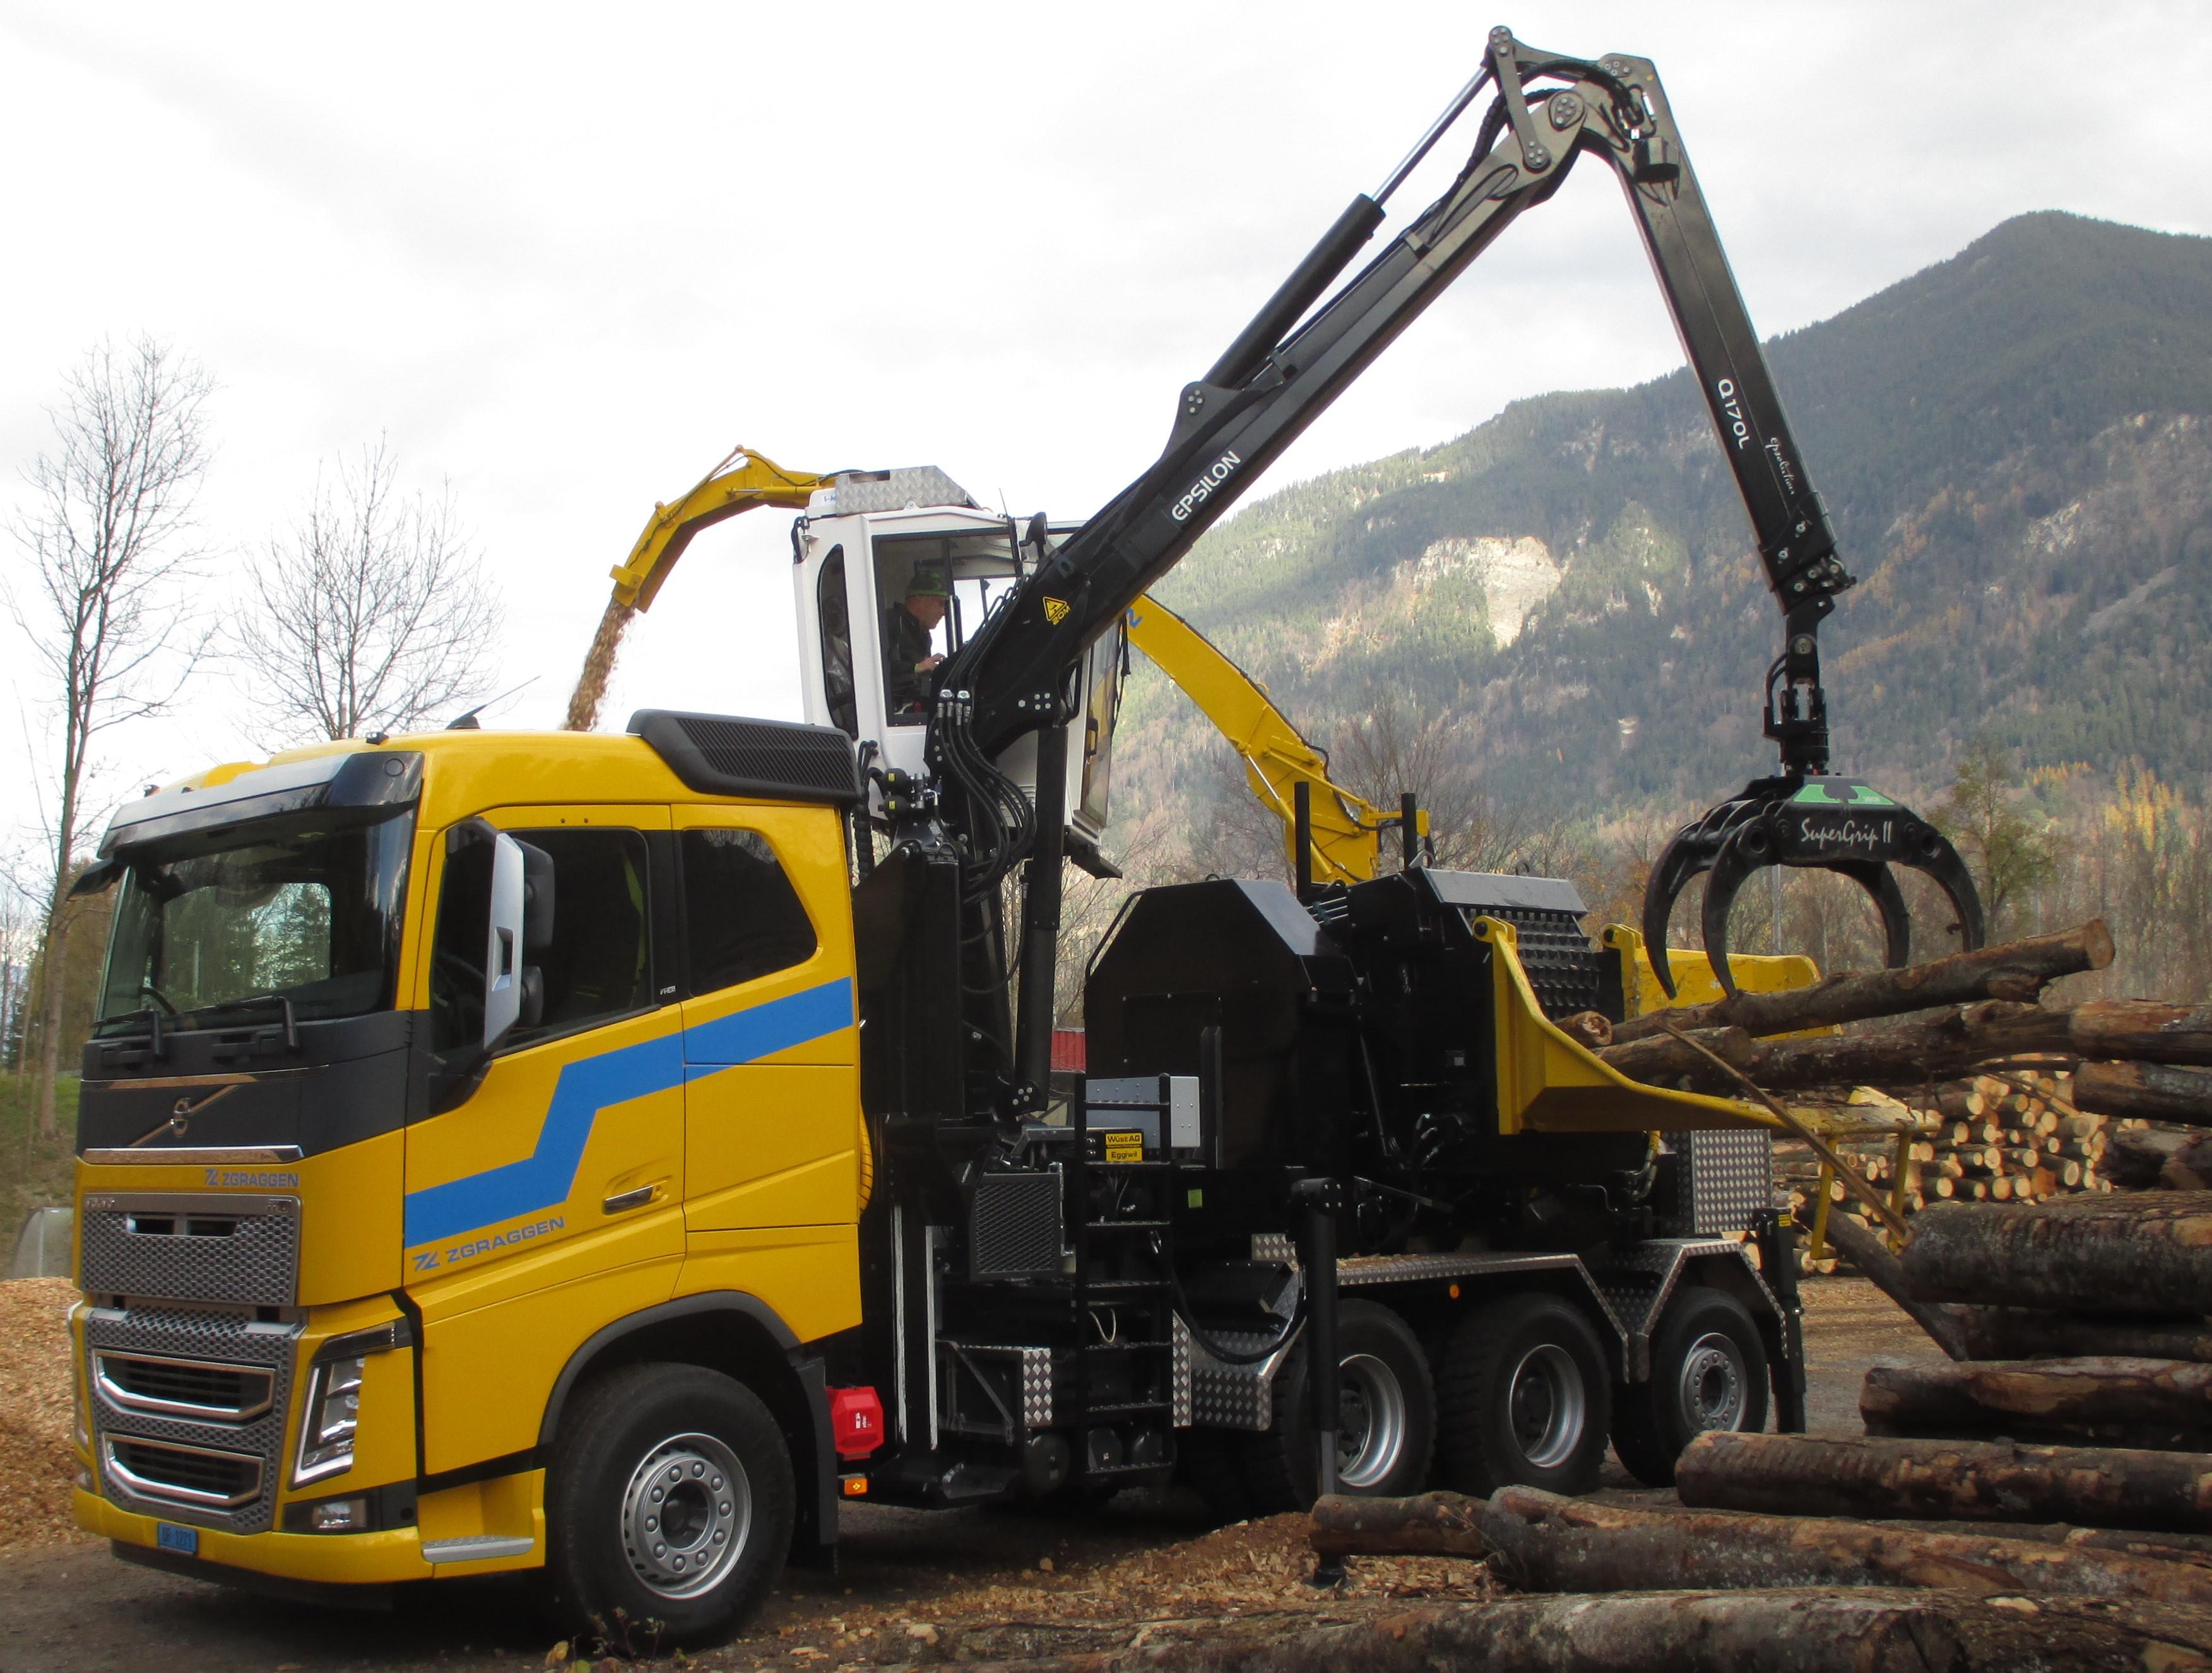 PHILIPP ForstWerkzeuge HULTDINS Holzgreifer SuperGrip II-R, Moderner Großhacker mit SuperGrip 360 II-R